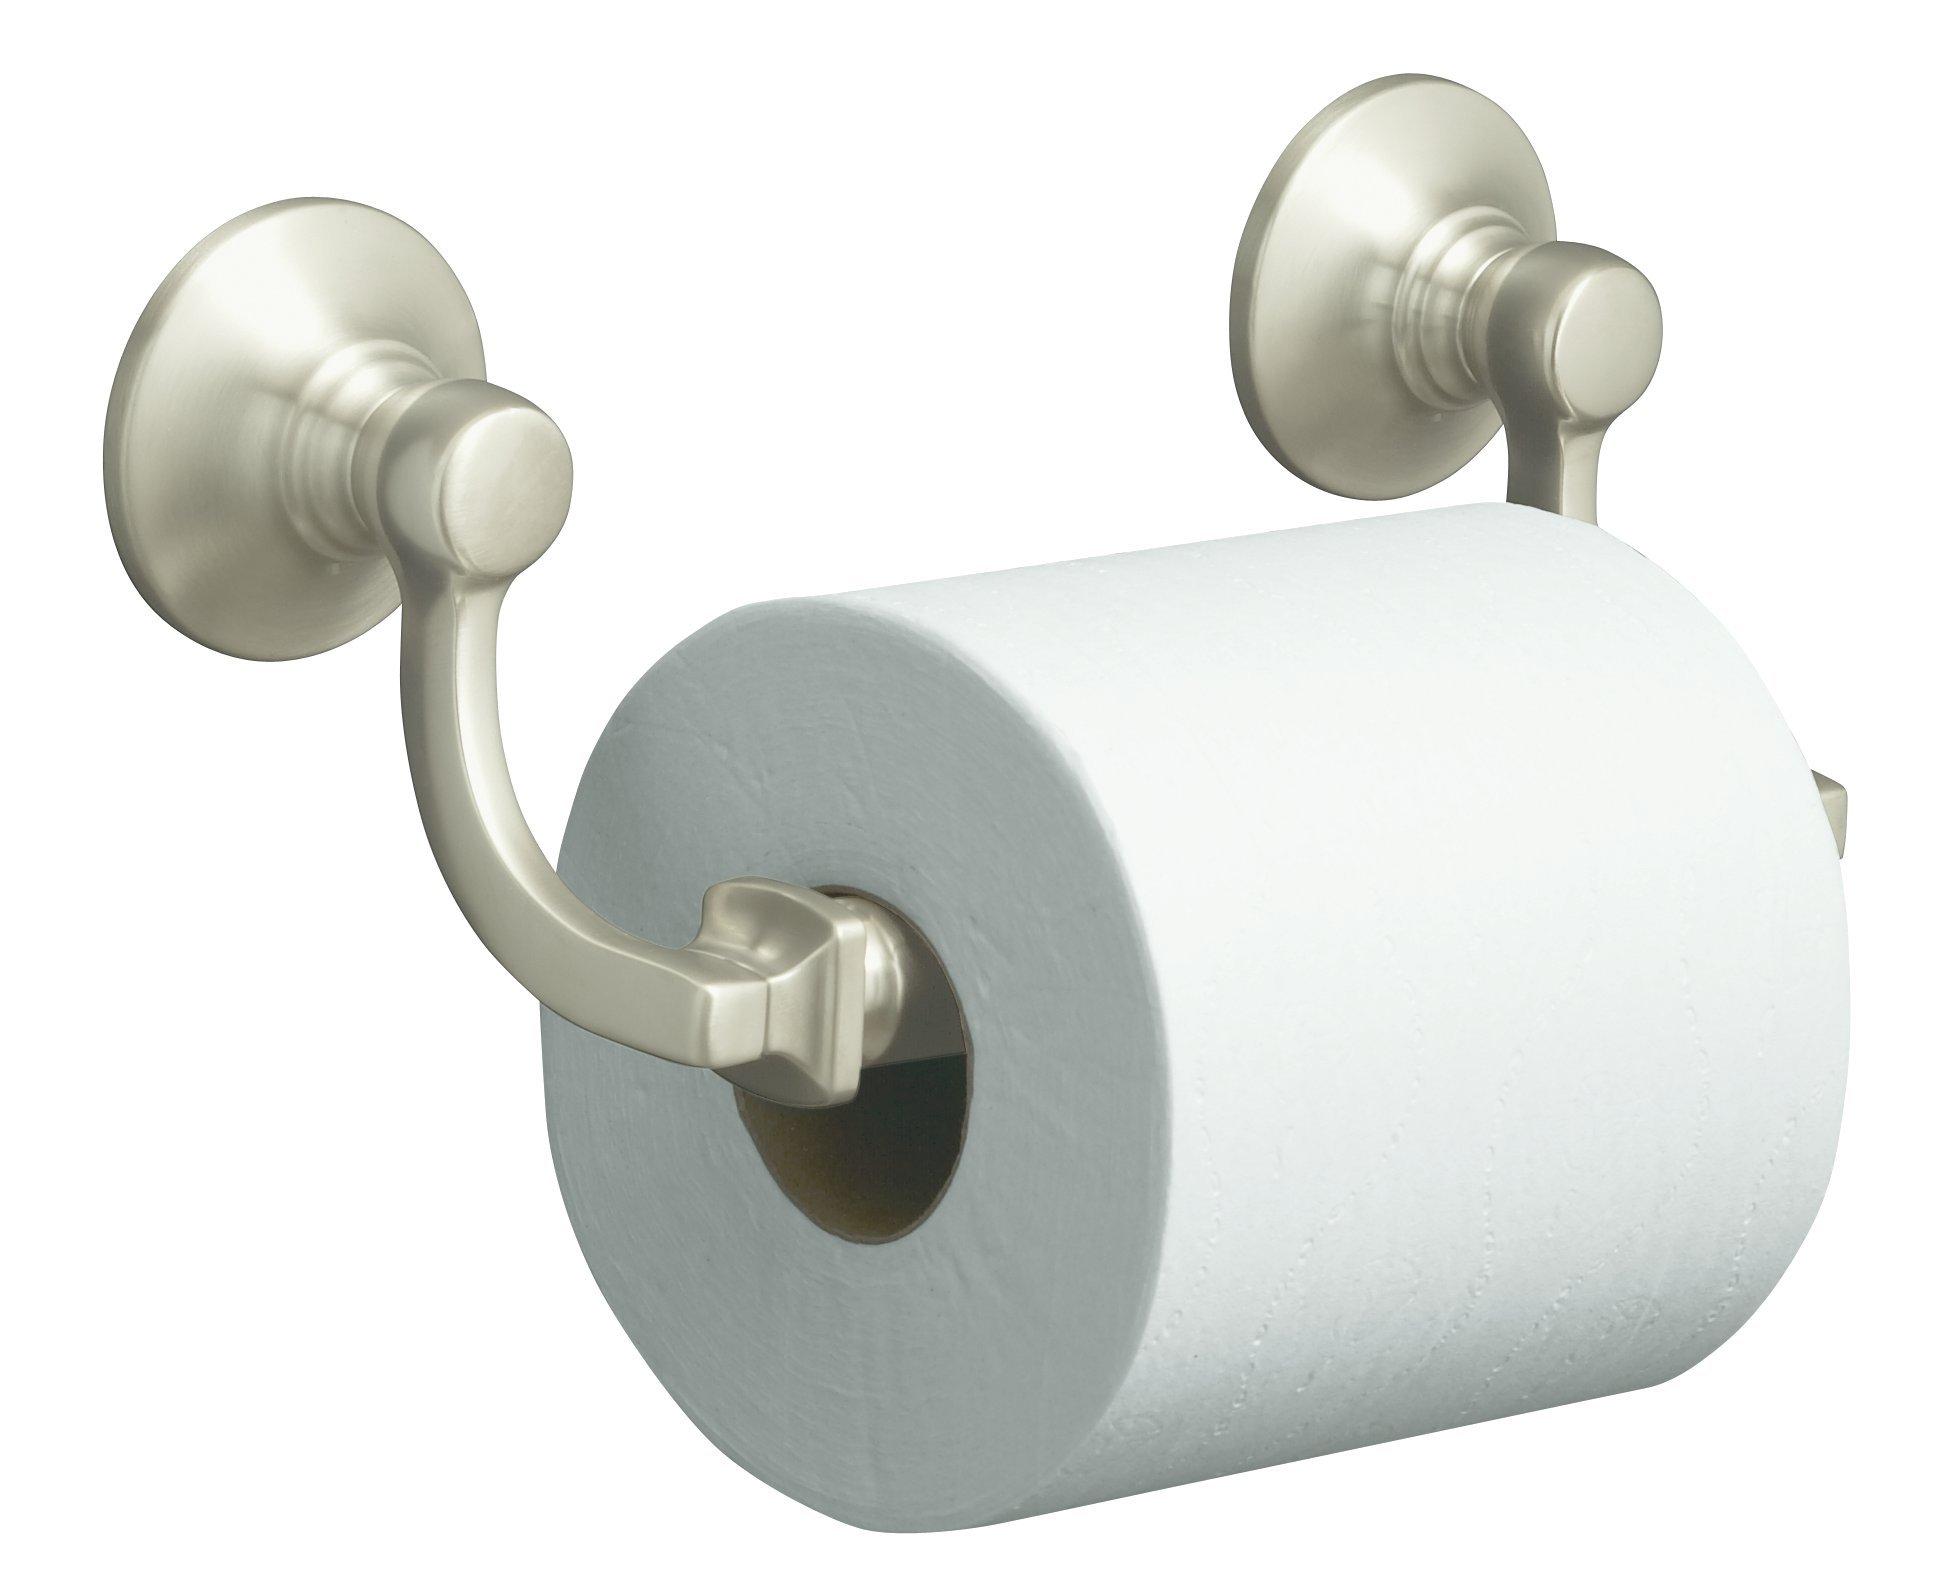 KOHLER K-11415-BN Bancroft Toilet Tissue Holder, Vibrant Brushed Nickel